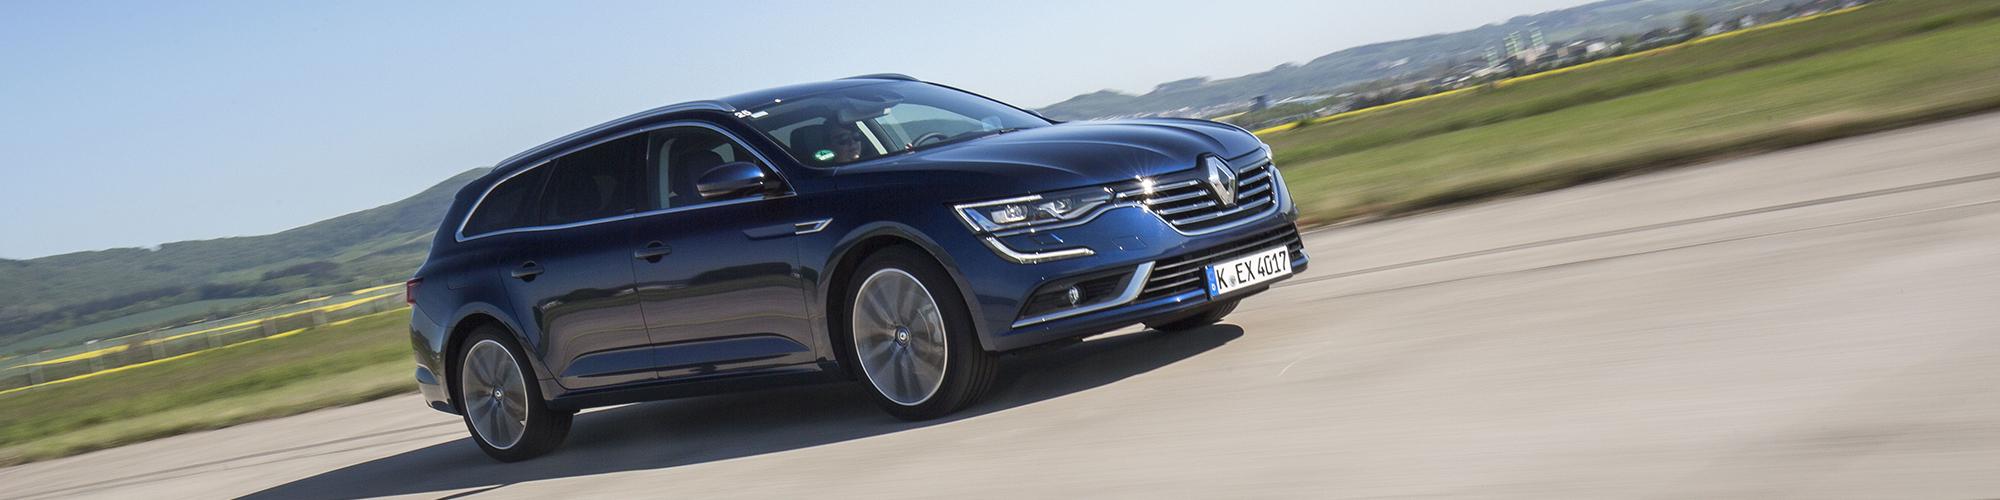 Großzügiger Innenraum, innovative Technologien und hochwertige Verarbeitung bis ins Detail: Der Renault Talisman Grandtour hat das Zeug zum Verführer.